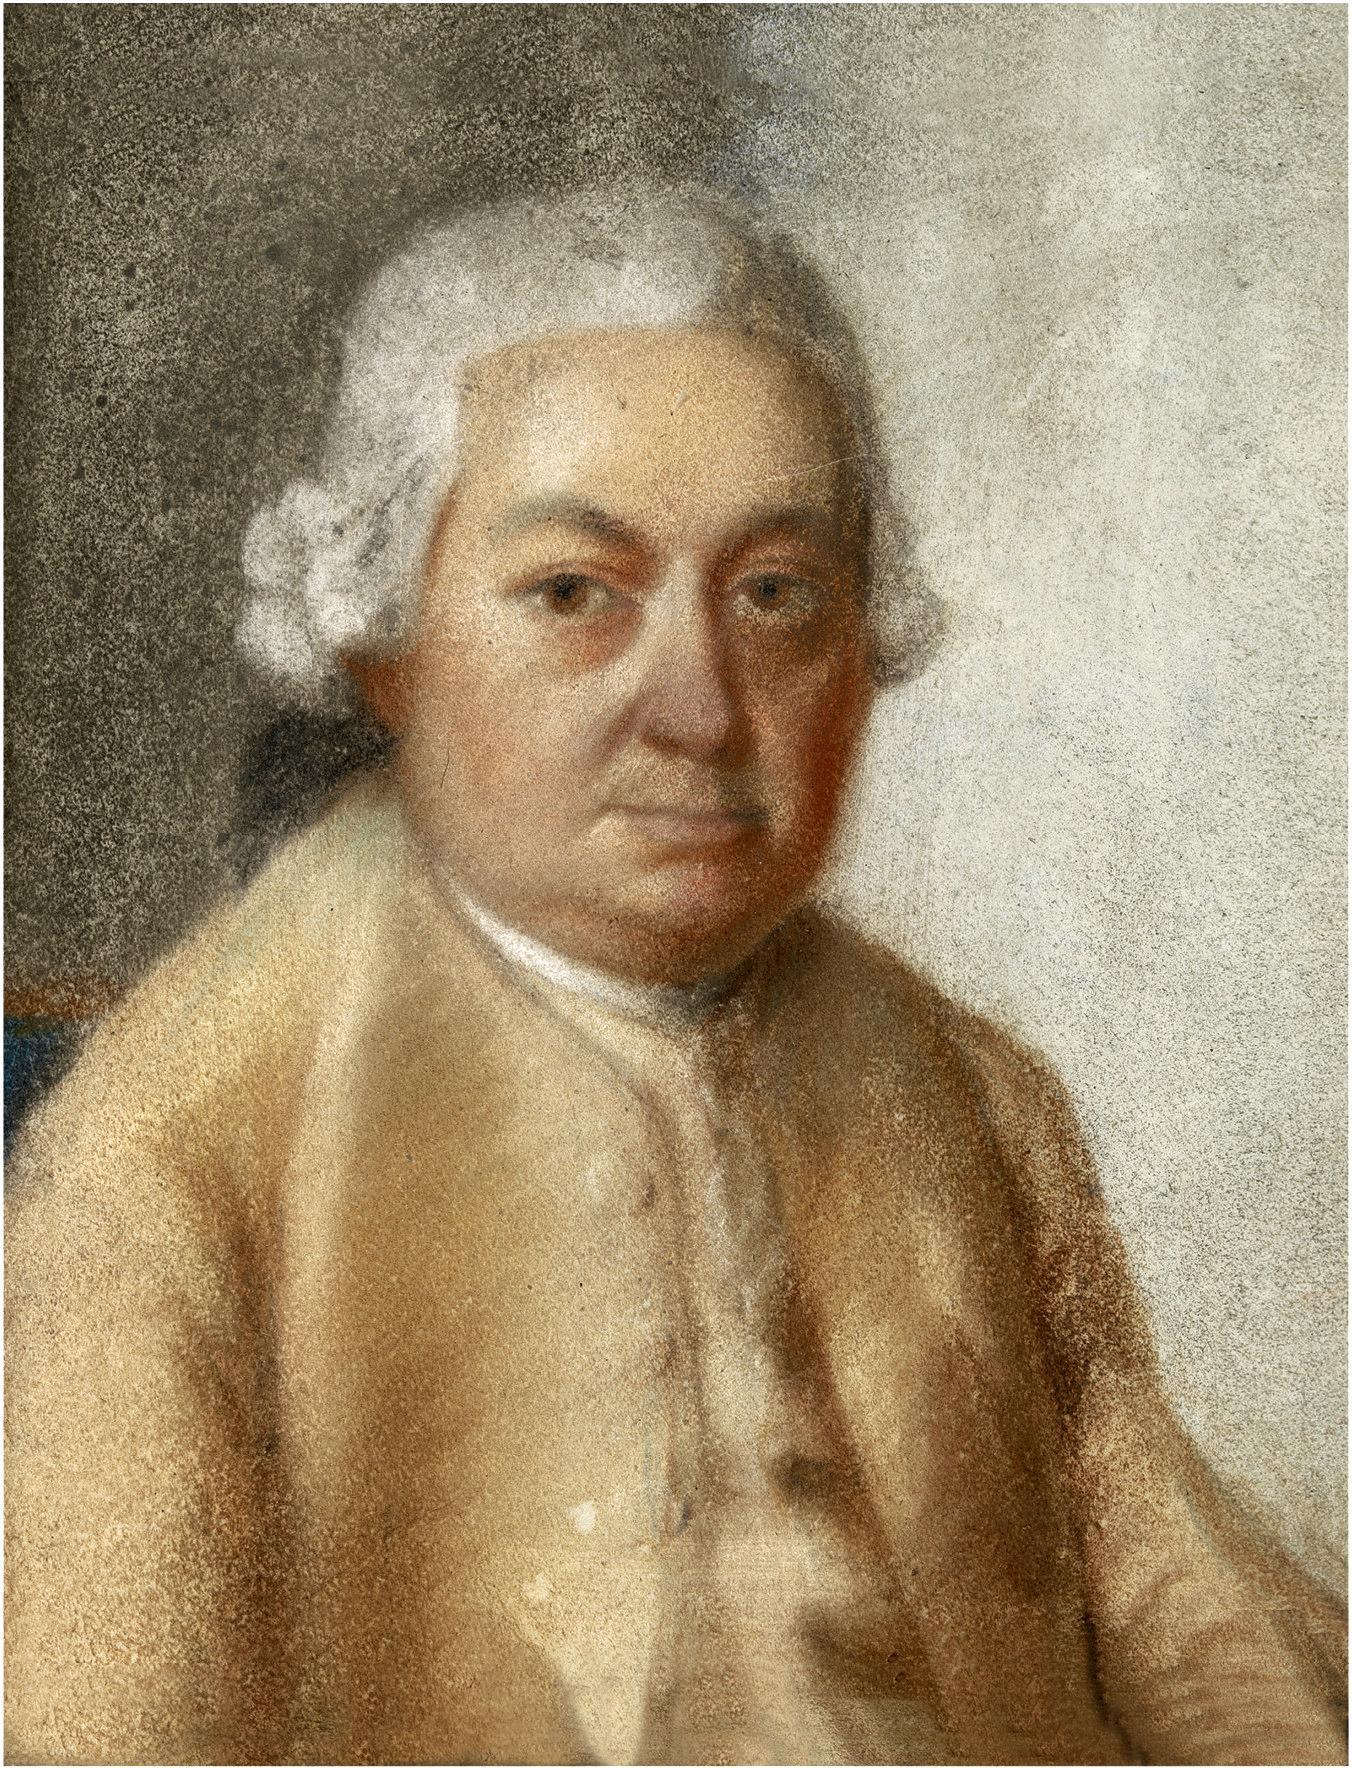 Domenico Scarlatti, Carl Philipp Emanuel Bach